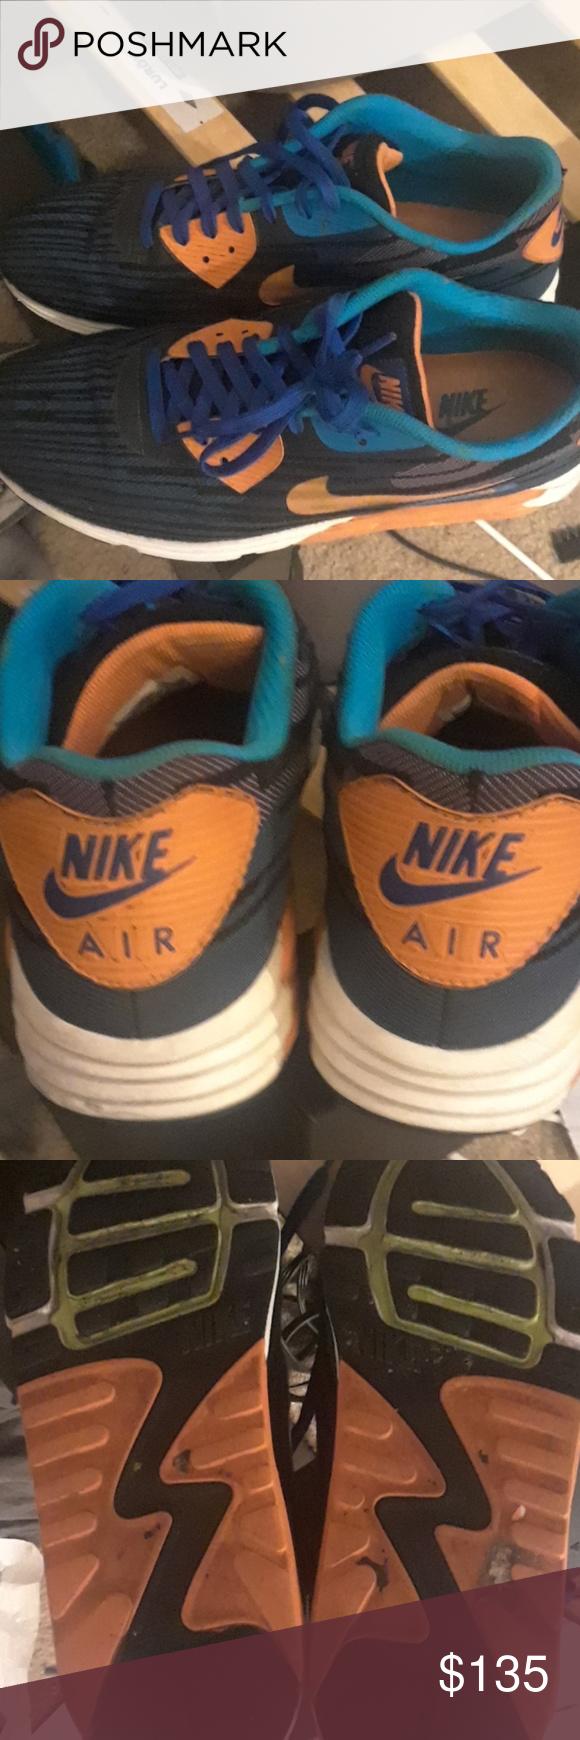 low priced 1bc9f 91b79 12 Nike Men s Air Max Lunar 90 Jacquard Size 12 Nike Men s Air Max Lunar 90